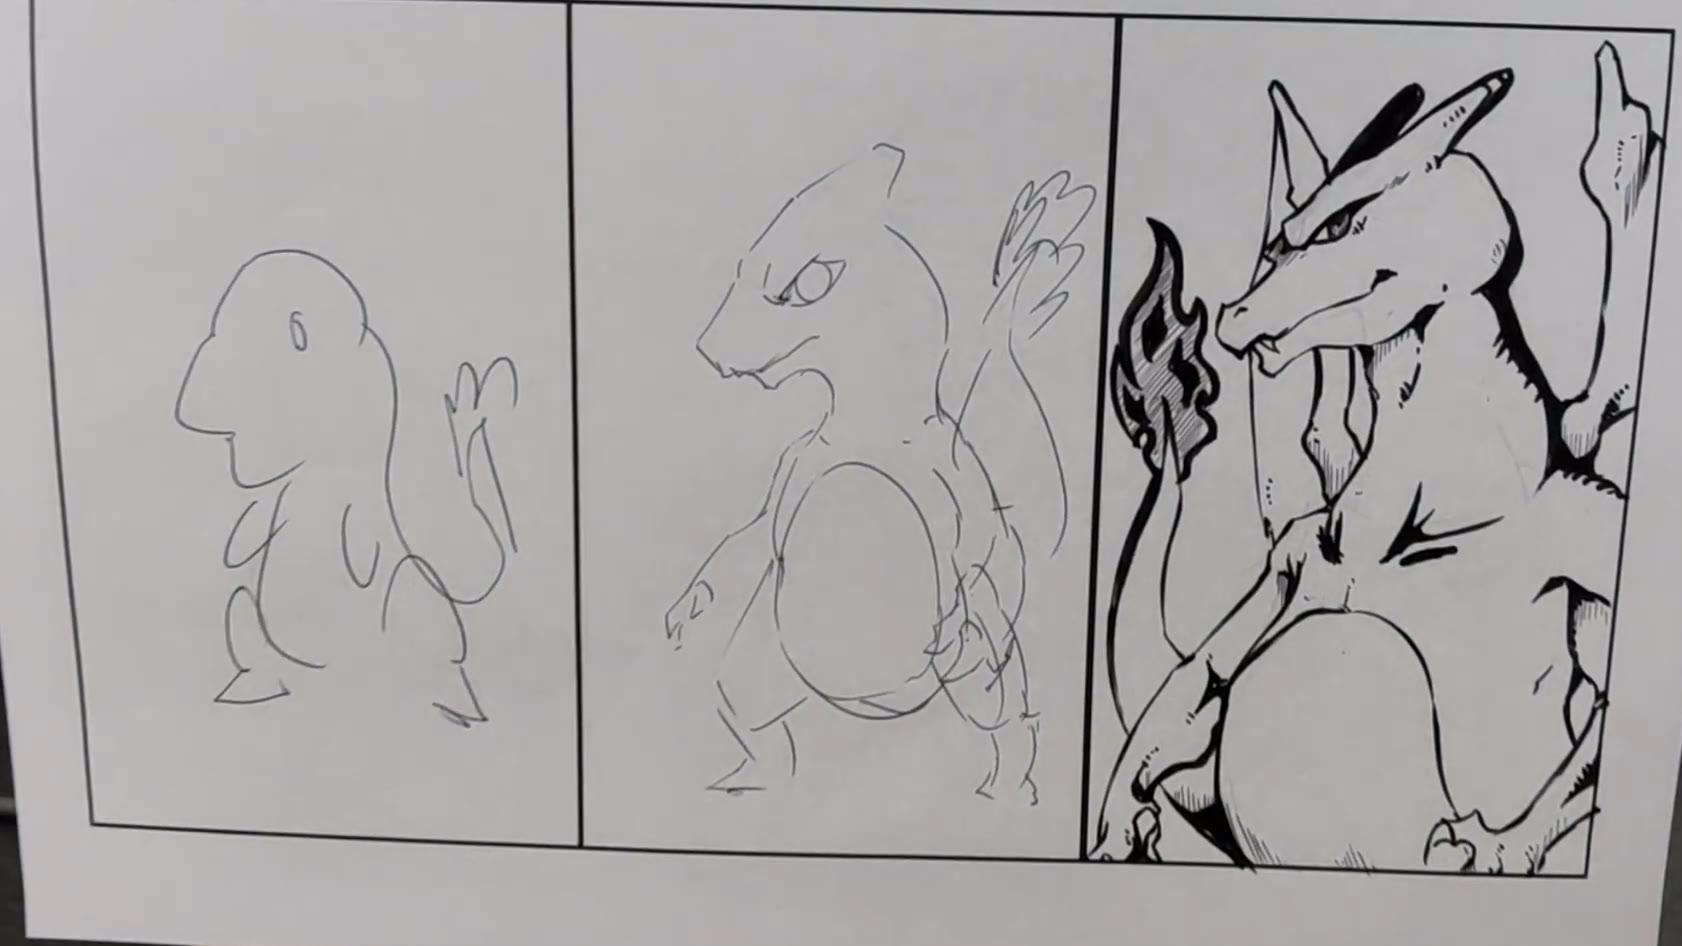 胖子10分钟画宠物小精灵进化过程,10秒钟你猜到是哪只了吗?